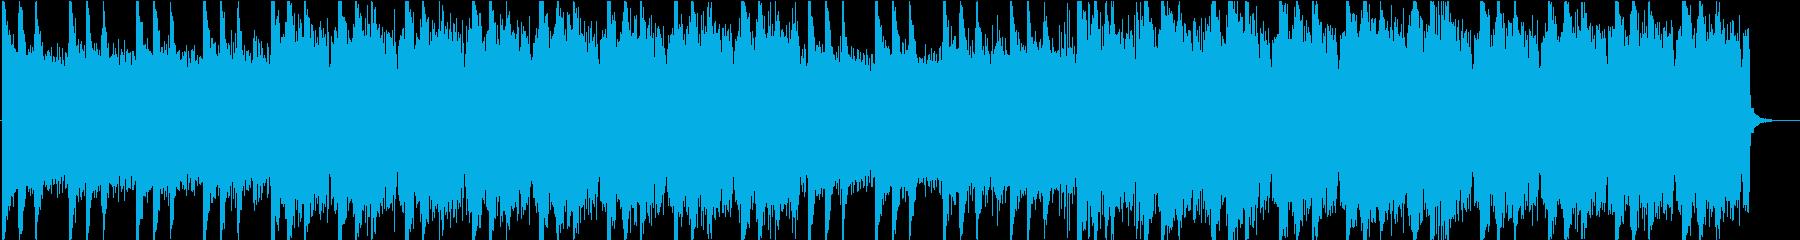 チルアウトなエレクトロニックBGMの再生済みの波形